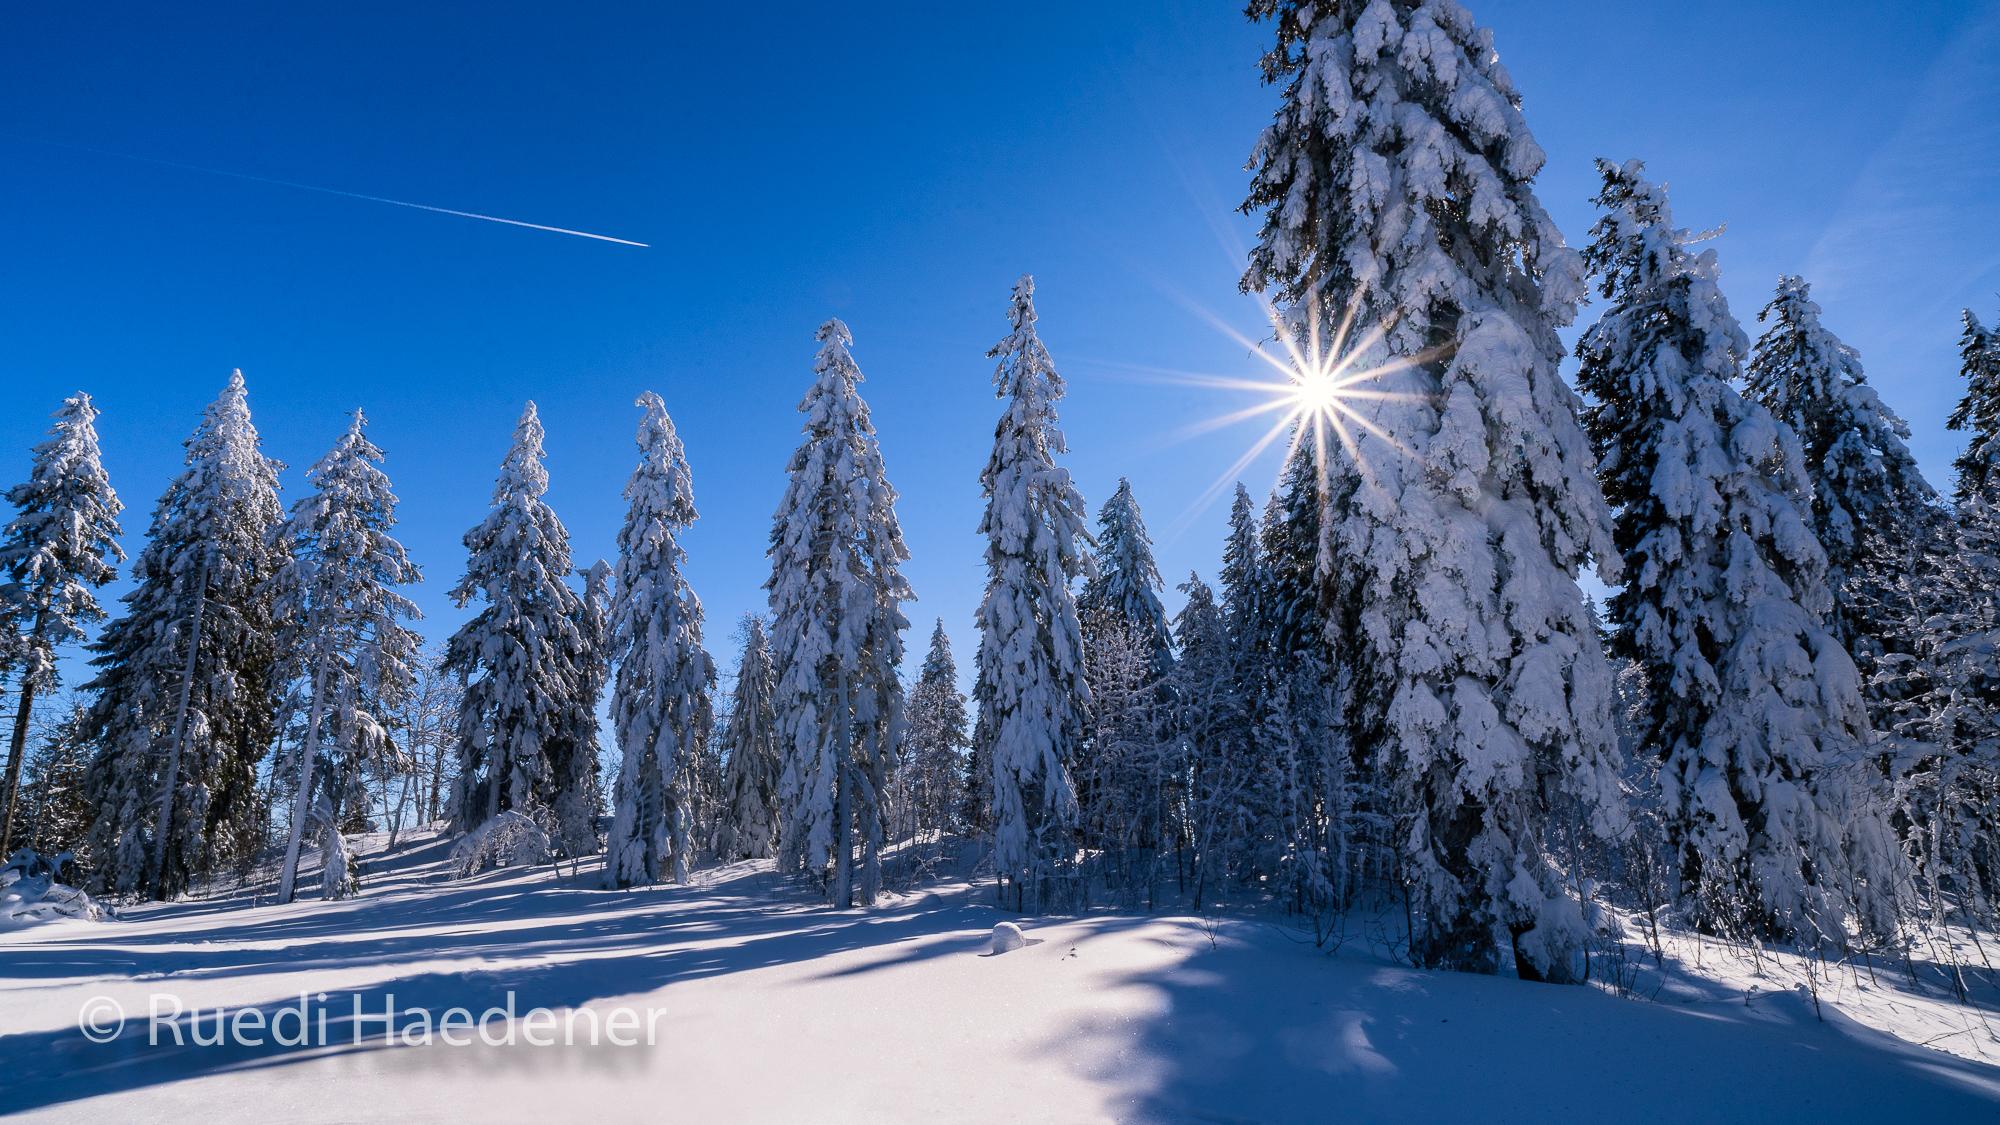 Schnee im Jura mit verschneiten Bäumen